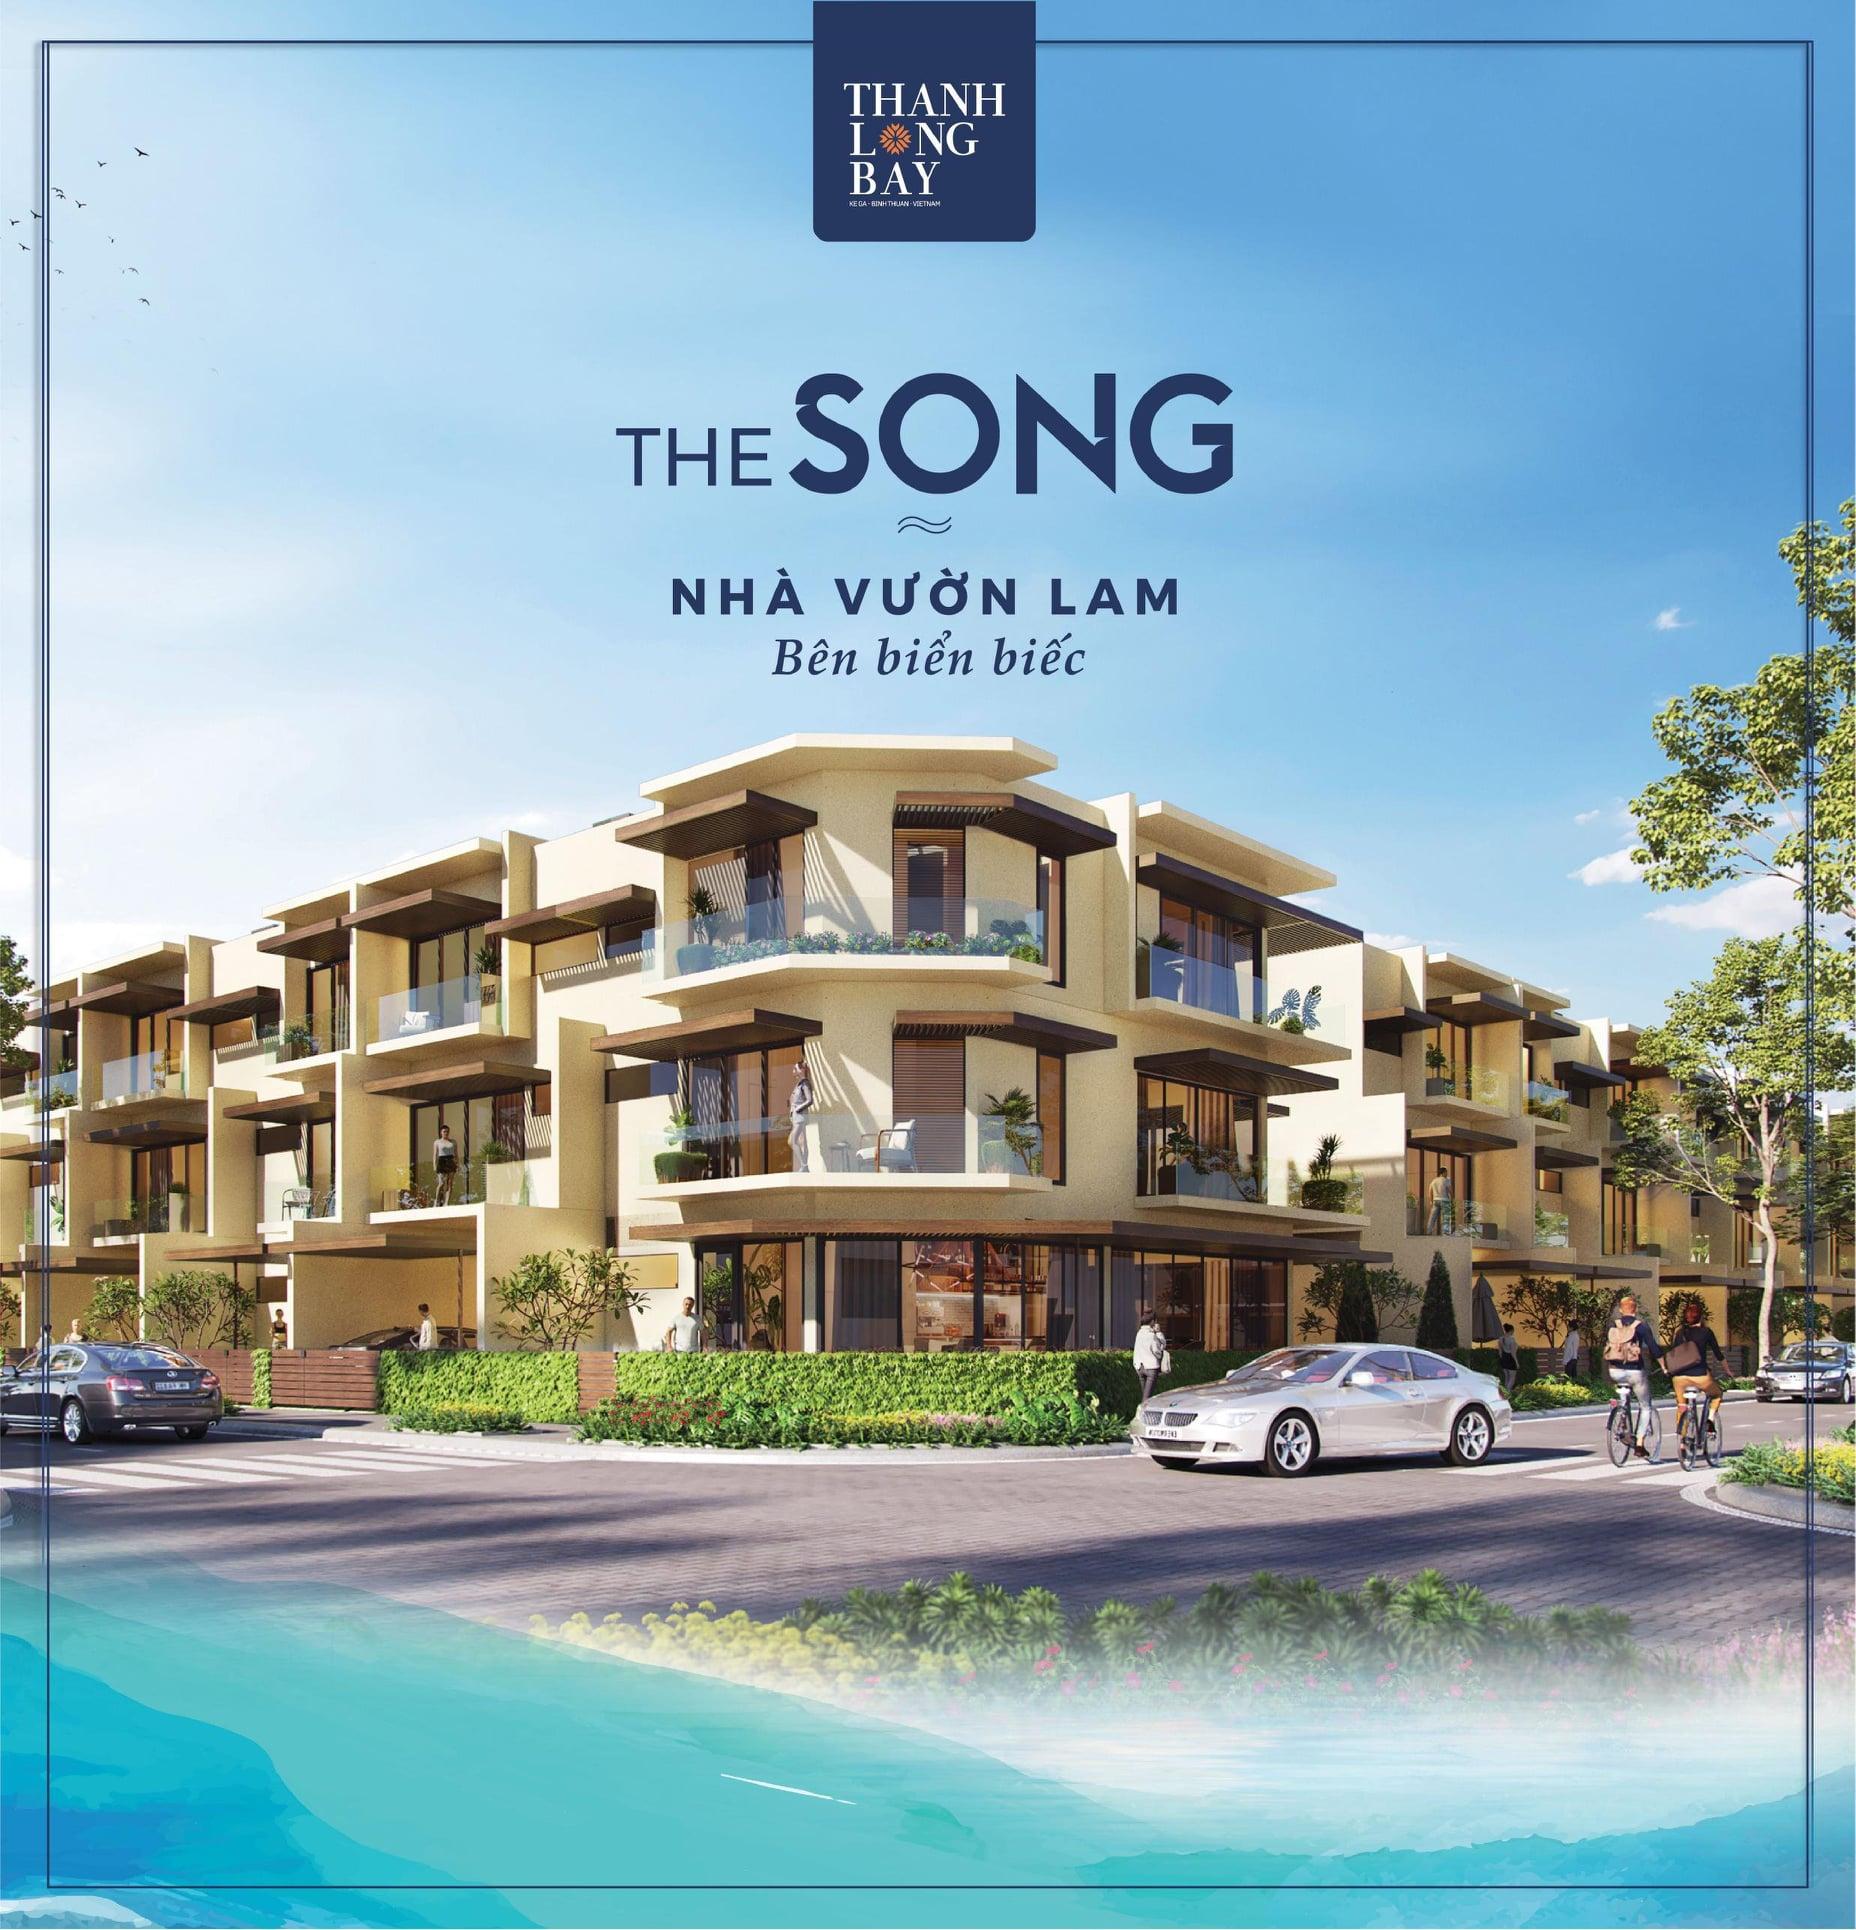 The Song - Nhà vườn lam bên biển biếc.